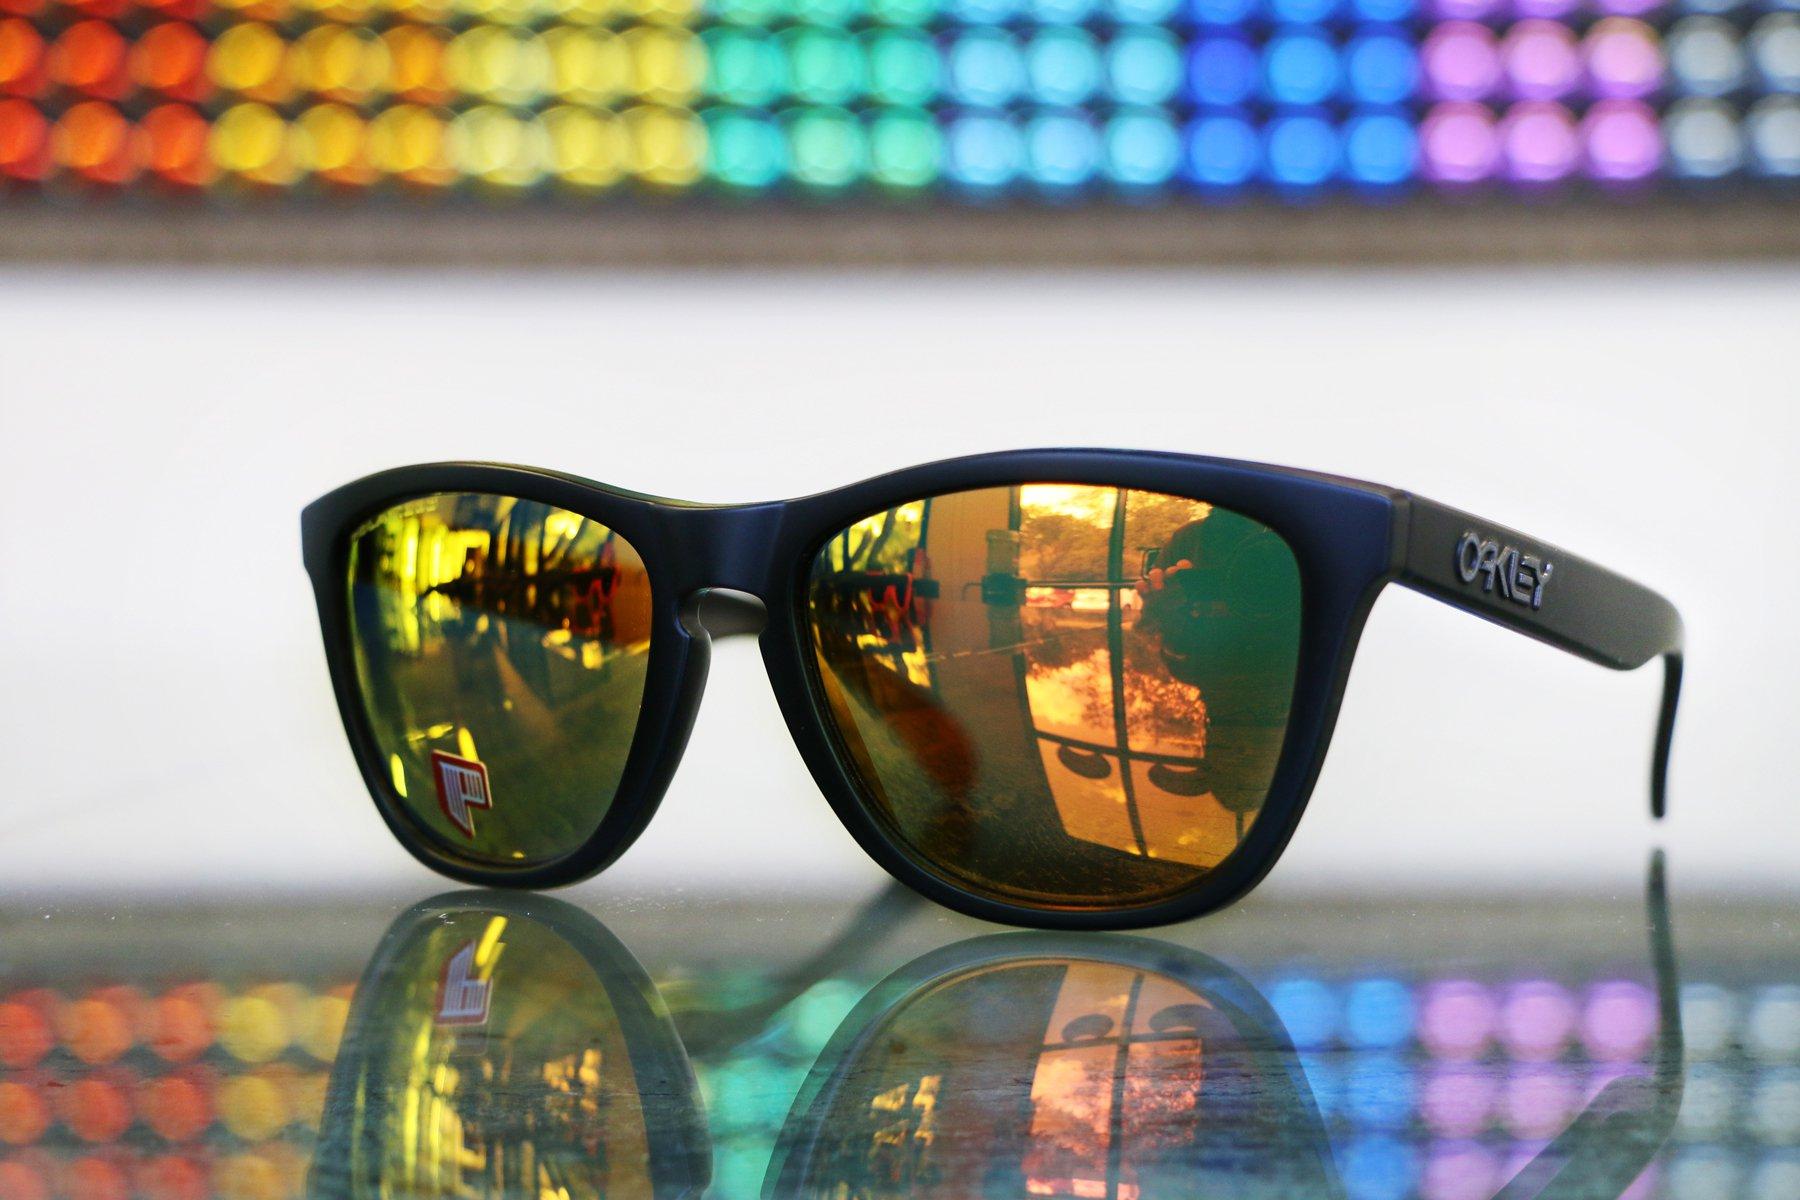 Oakley Frogskins, Oakley Frogskins Polarized, Oakley Prescription Sunglasses